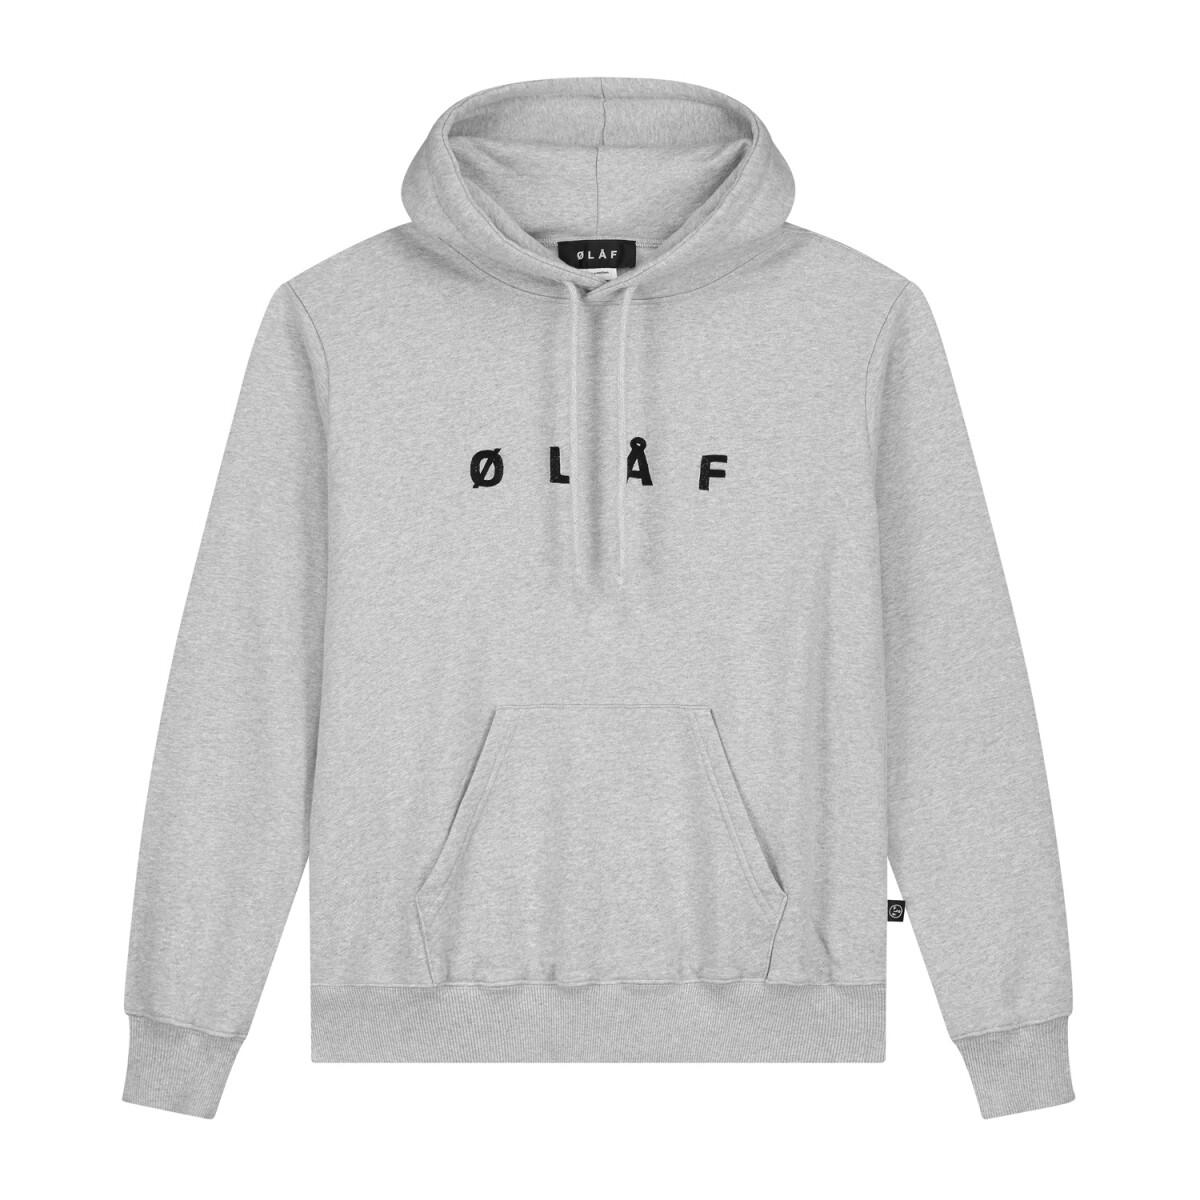 Olaf | Hoody | Chainstitch Hoody grijs